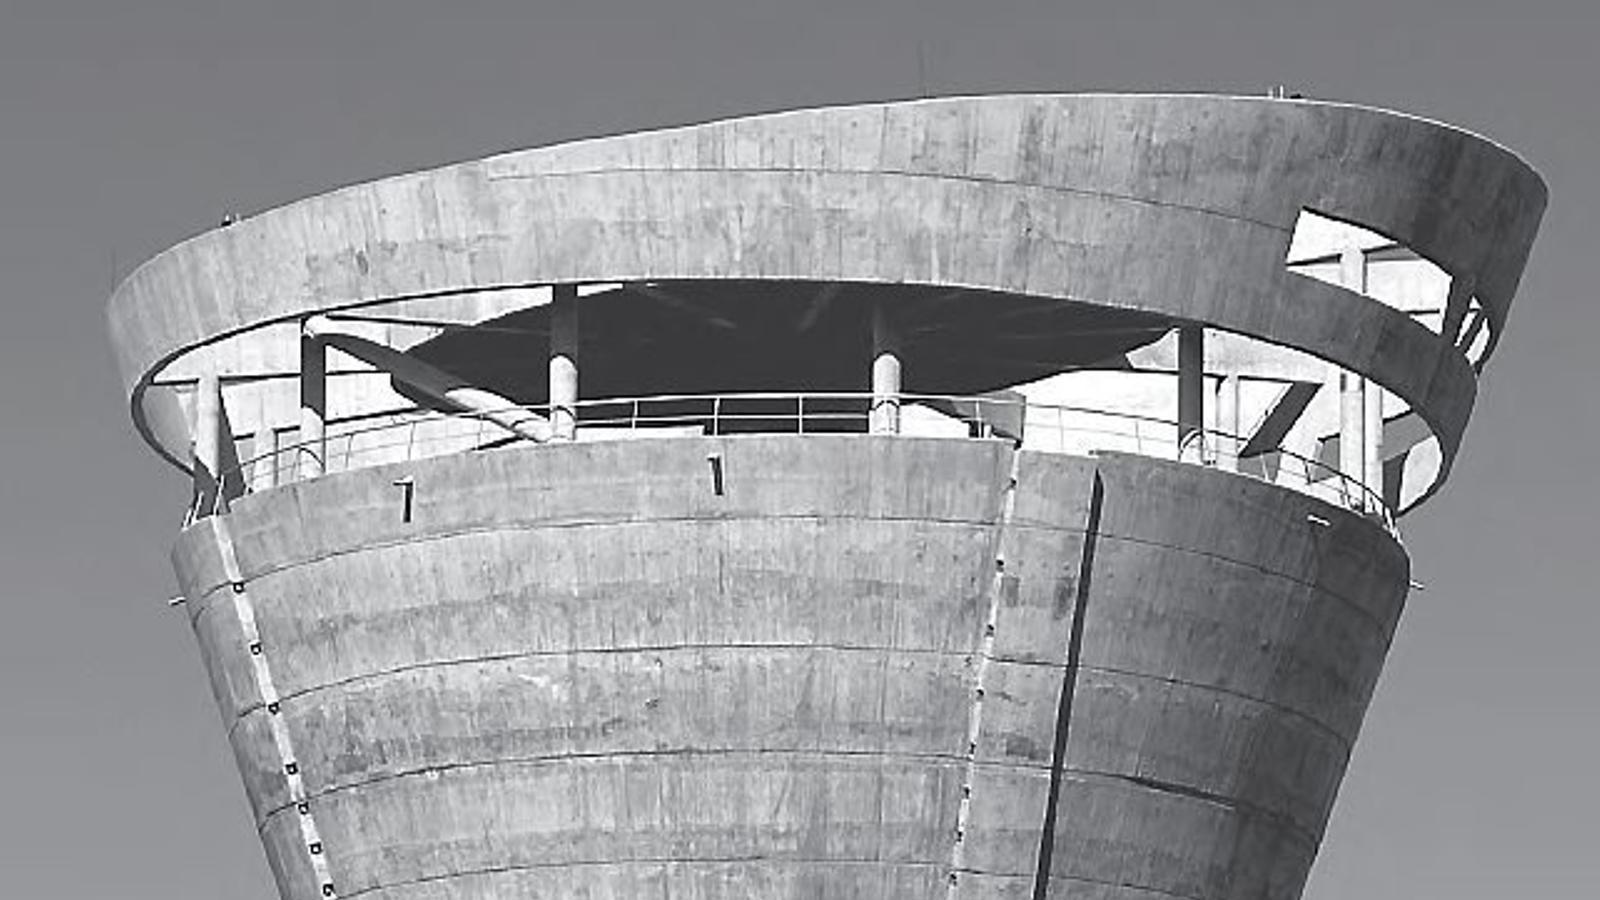 Arquitectura brutalista l estranya bellesa del formig Arquitectura brutalista